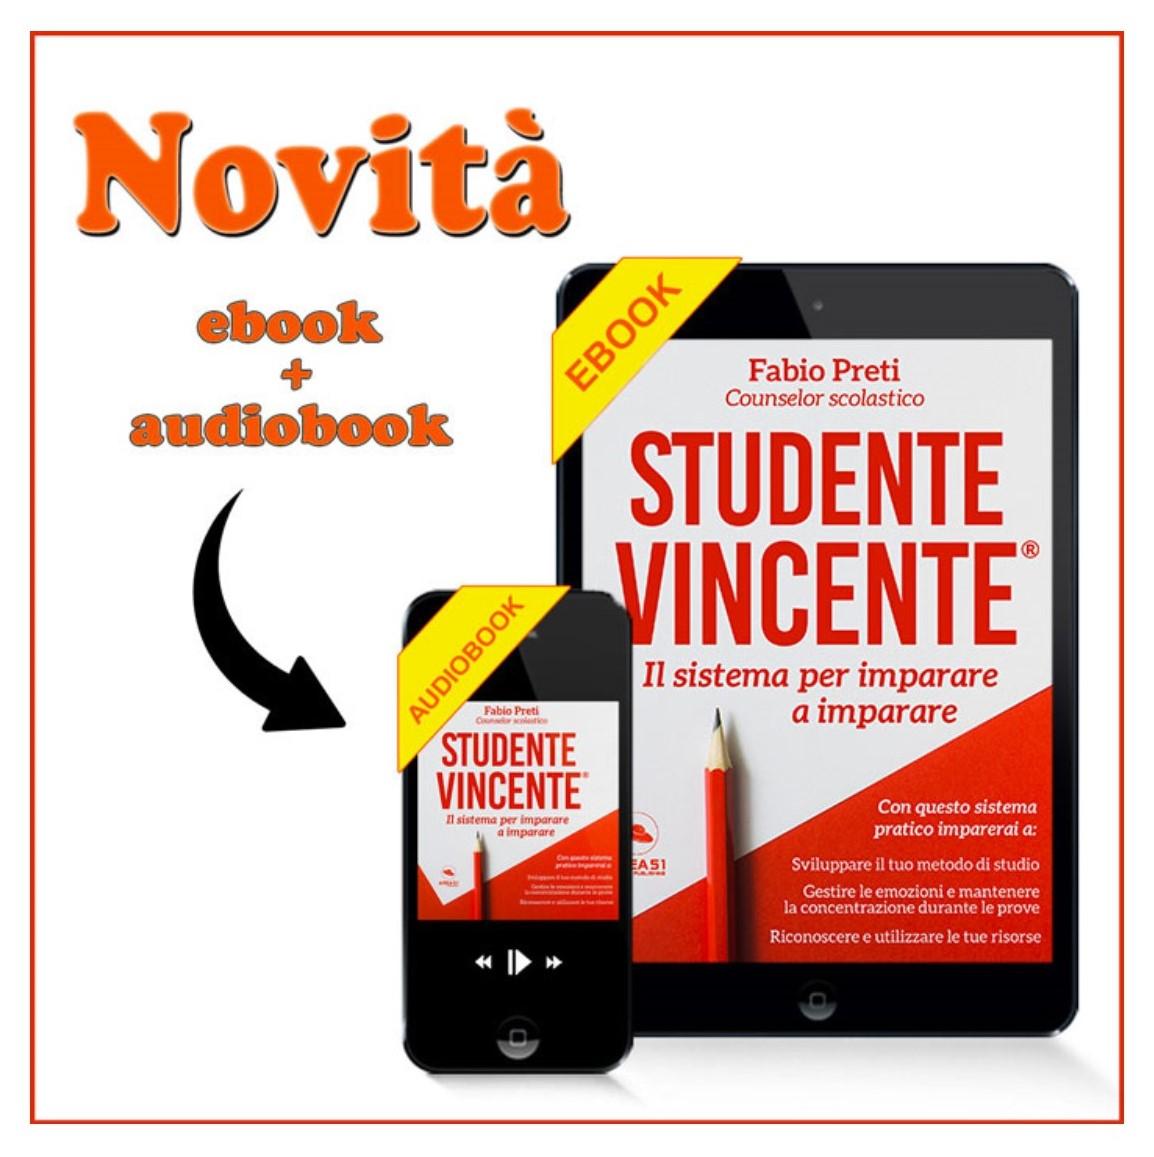 Studente Vincente® il sistema per imparare a imparare